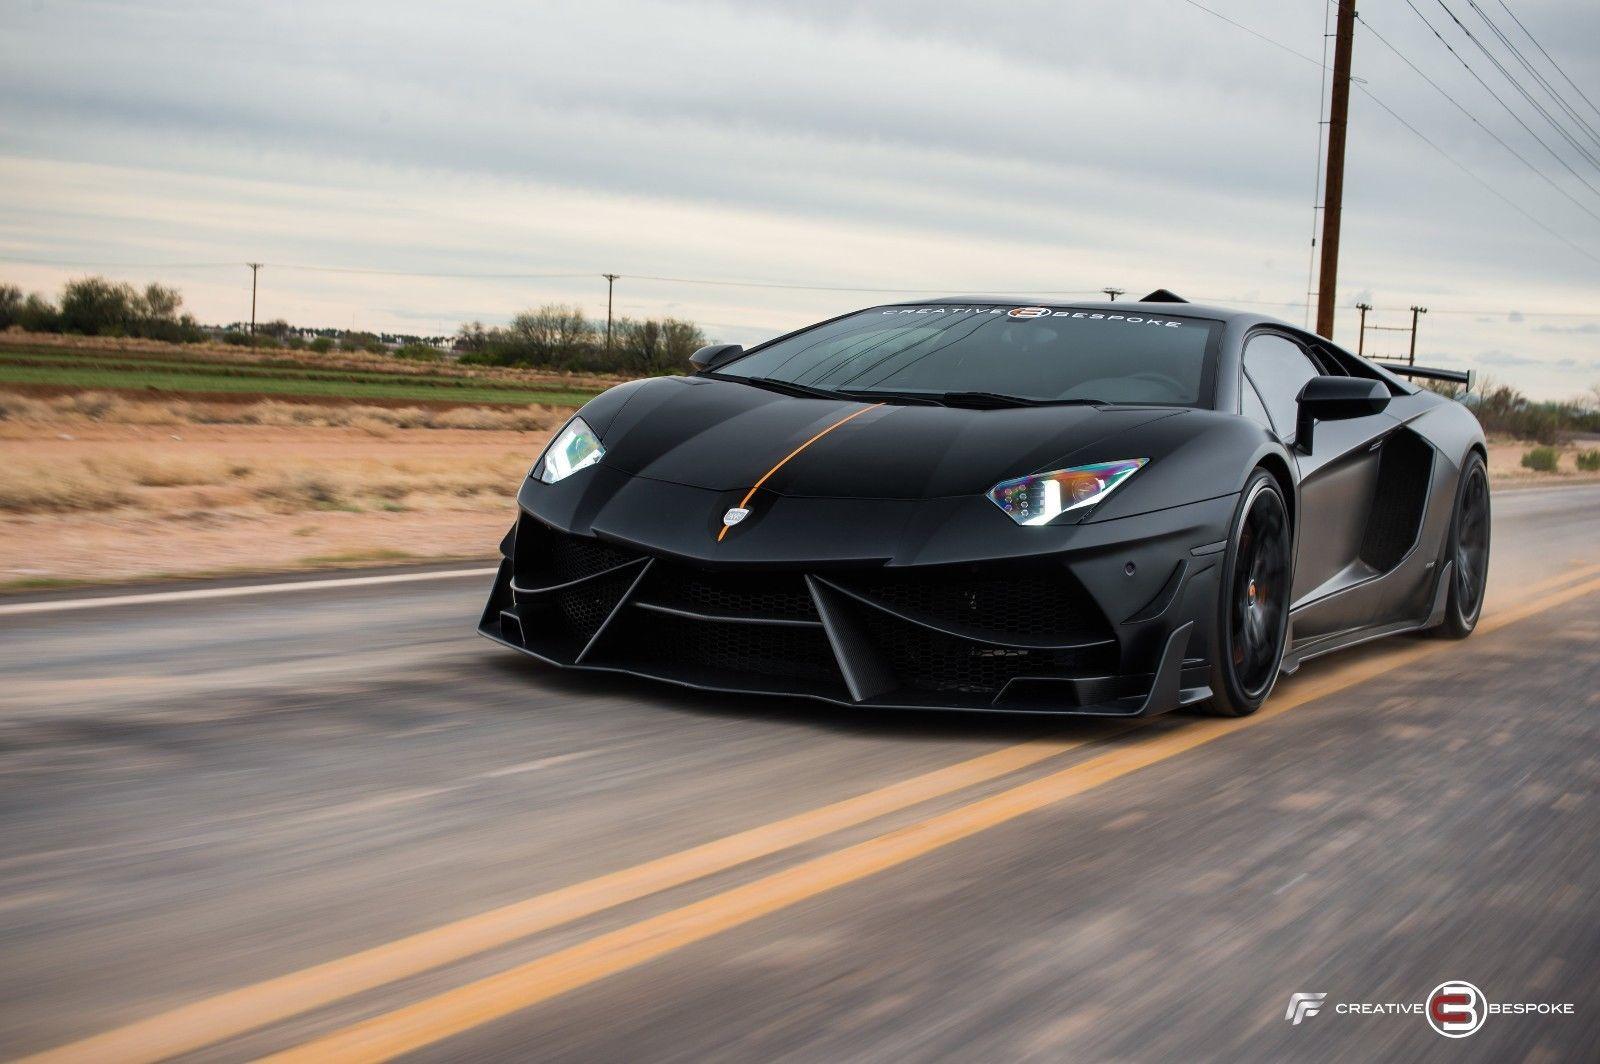 2014 Lamborghini Aventador LP700-4 Coupe 2-Door   Lamborghini ...